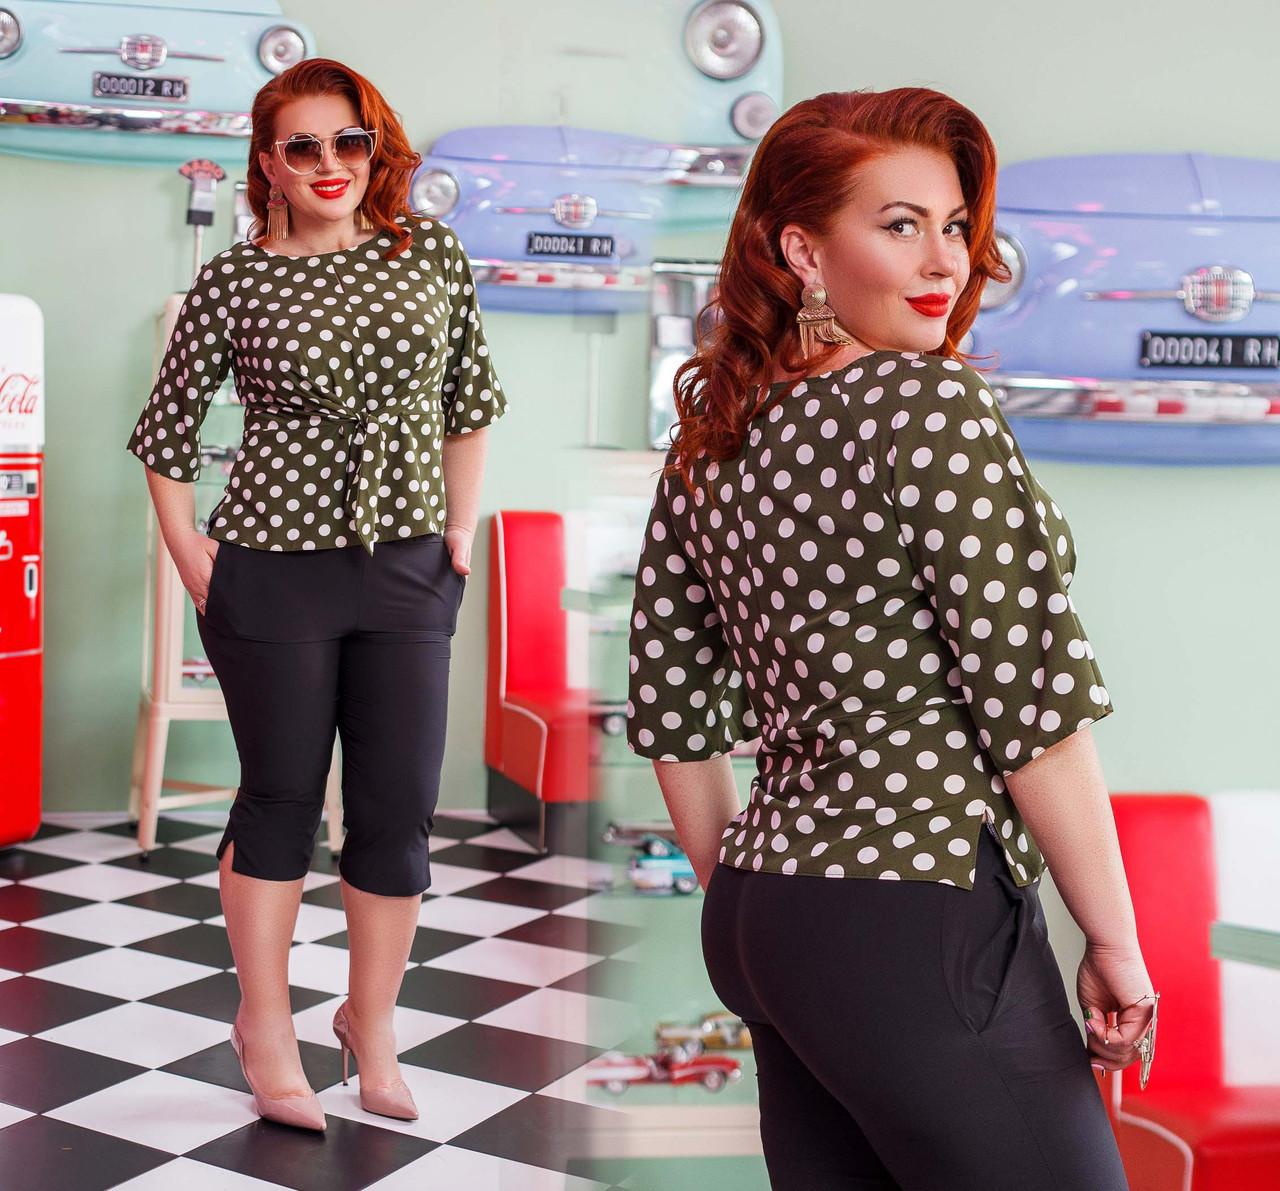 """Стильный женский костюм с бриджами в больших размерах """"Софт Комби Горошек Завязки"""" в расцветках (DG-ак0406)"""